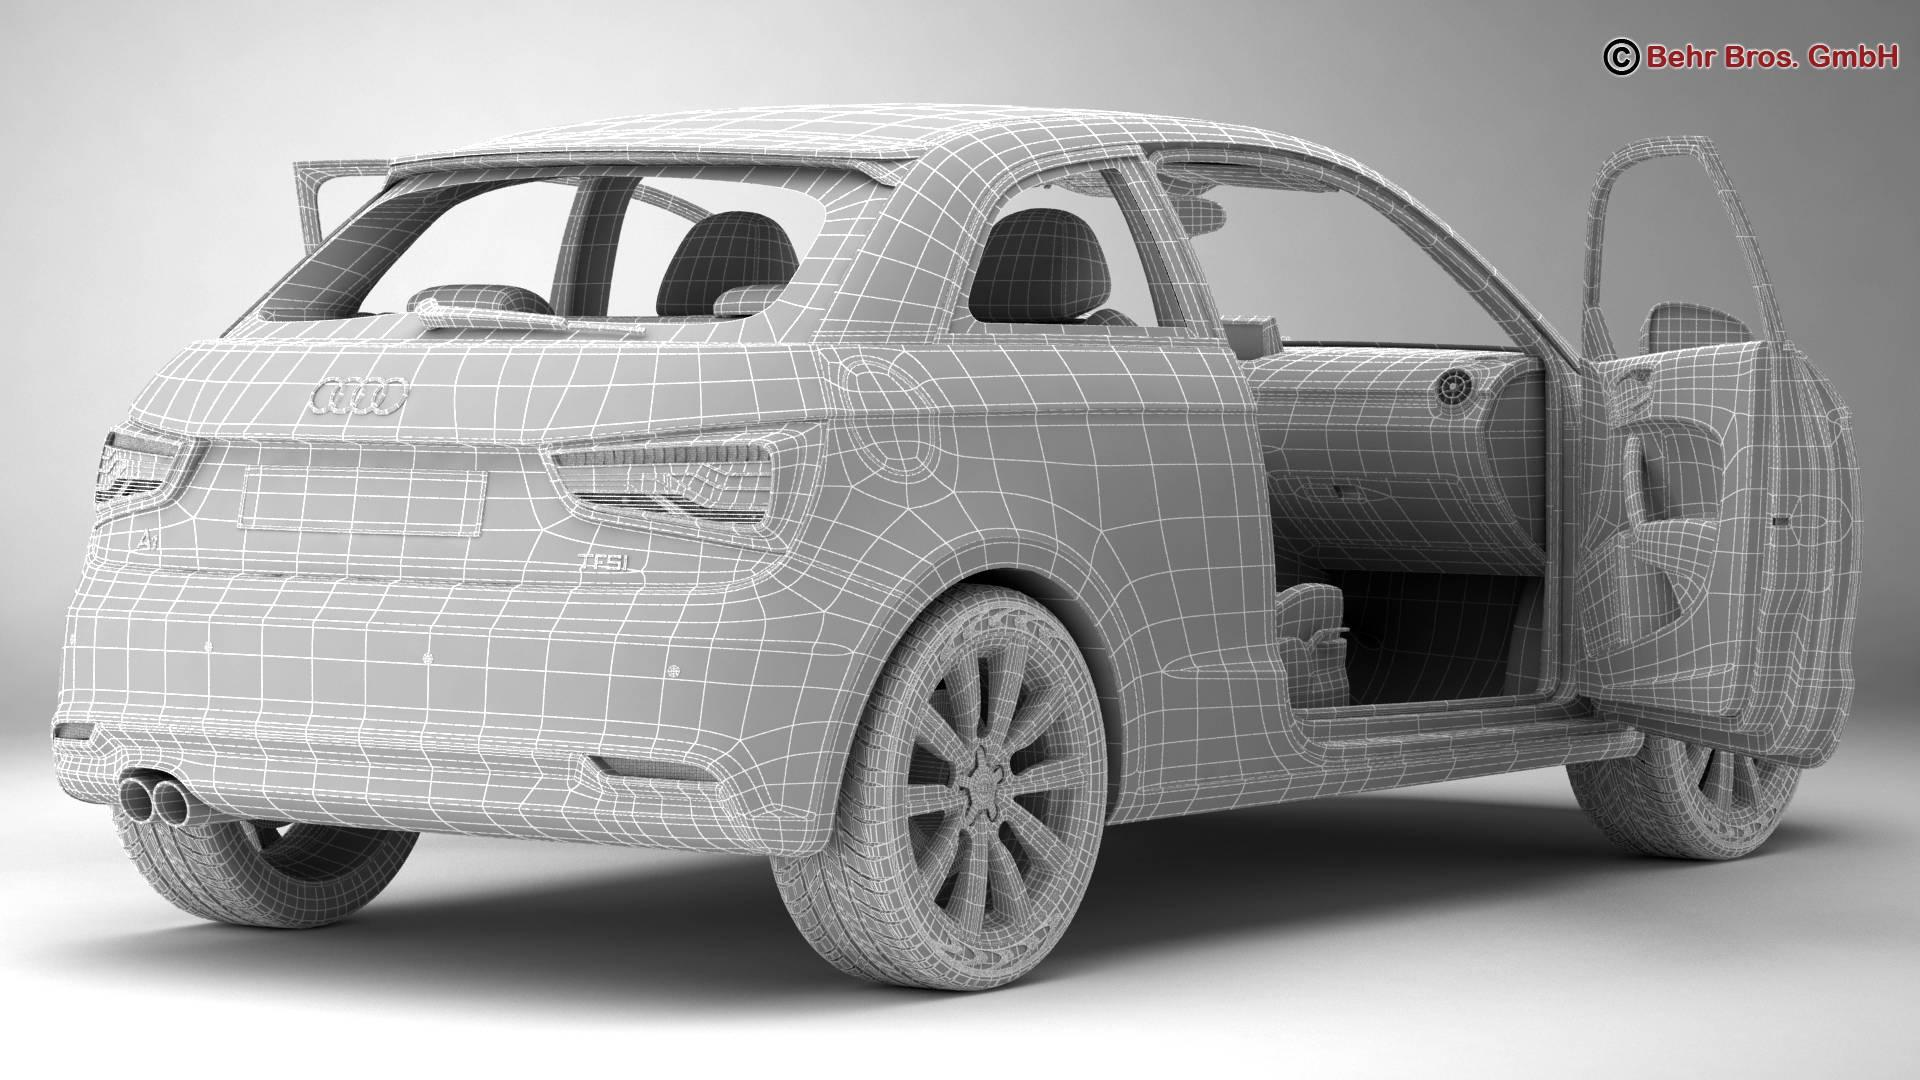 Audi a1 2015 3d model 3ds max fbx c4d am fwy o wybodaeth 214713